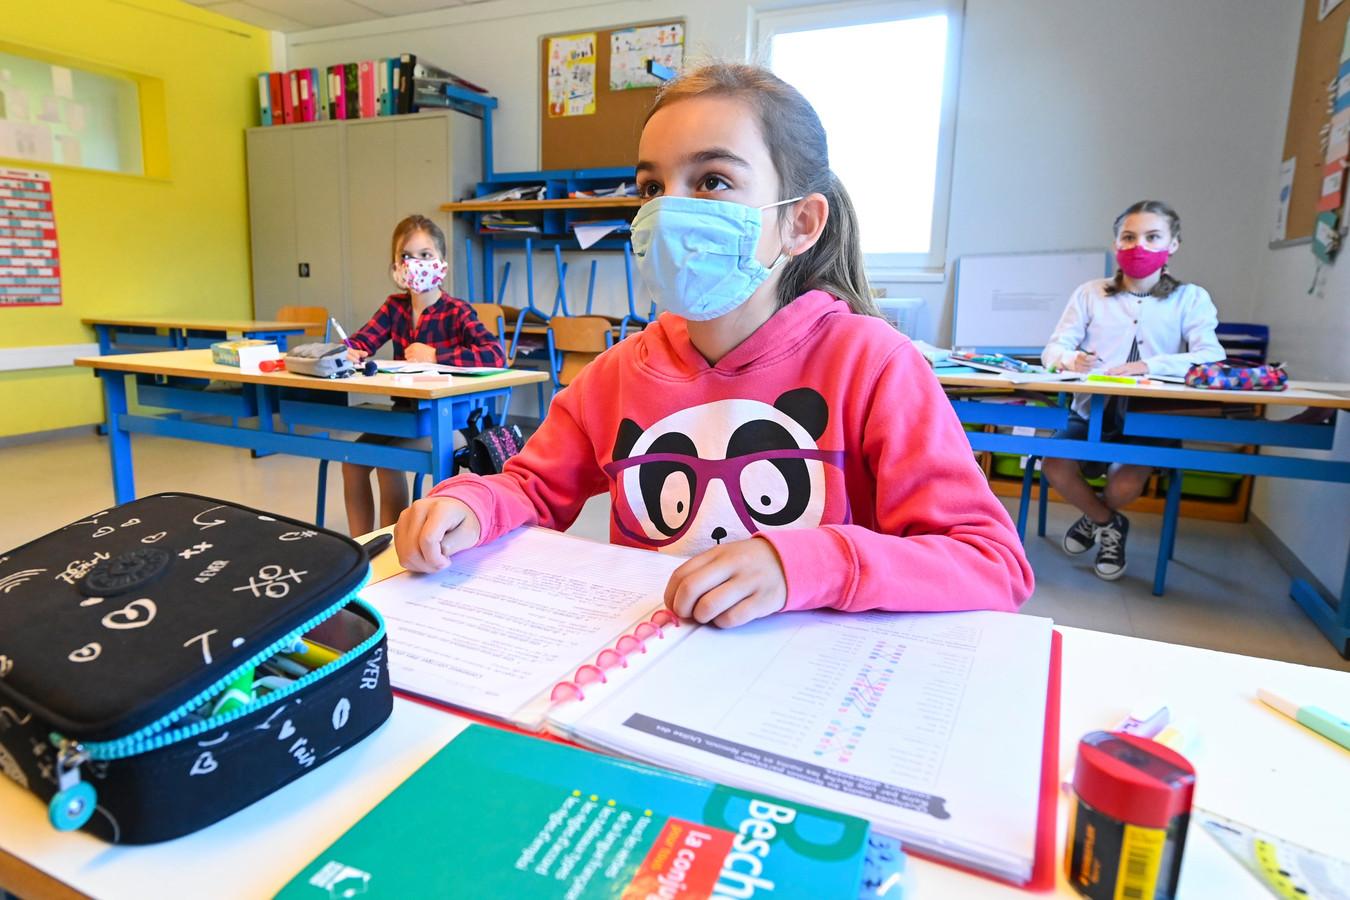 Kinderen met mondkapjes op in de klas.